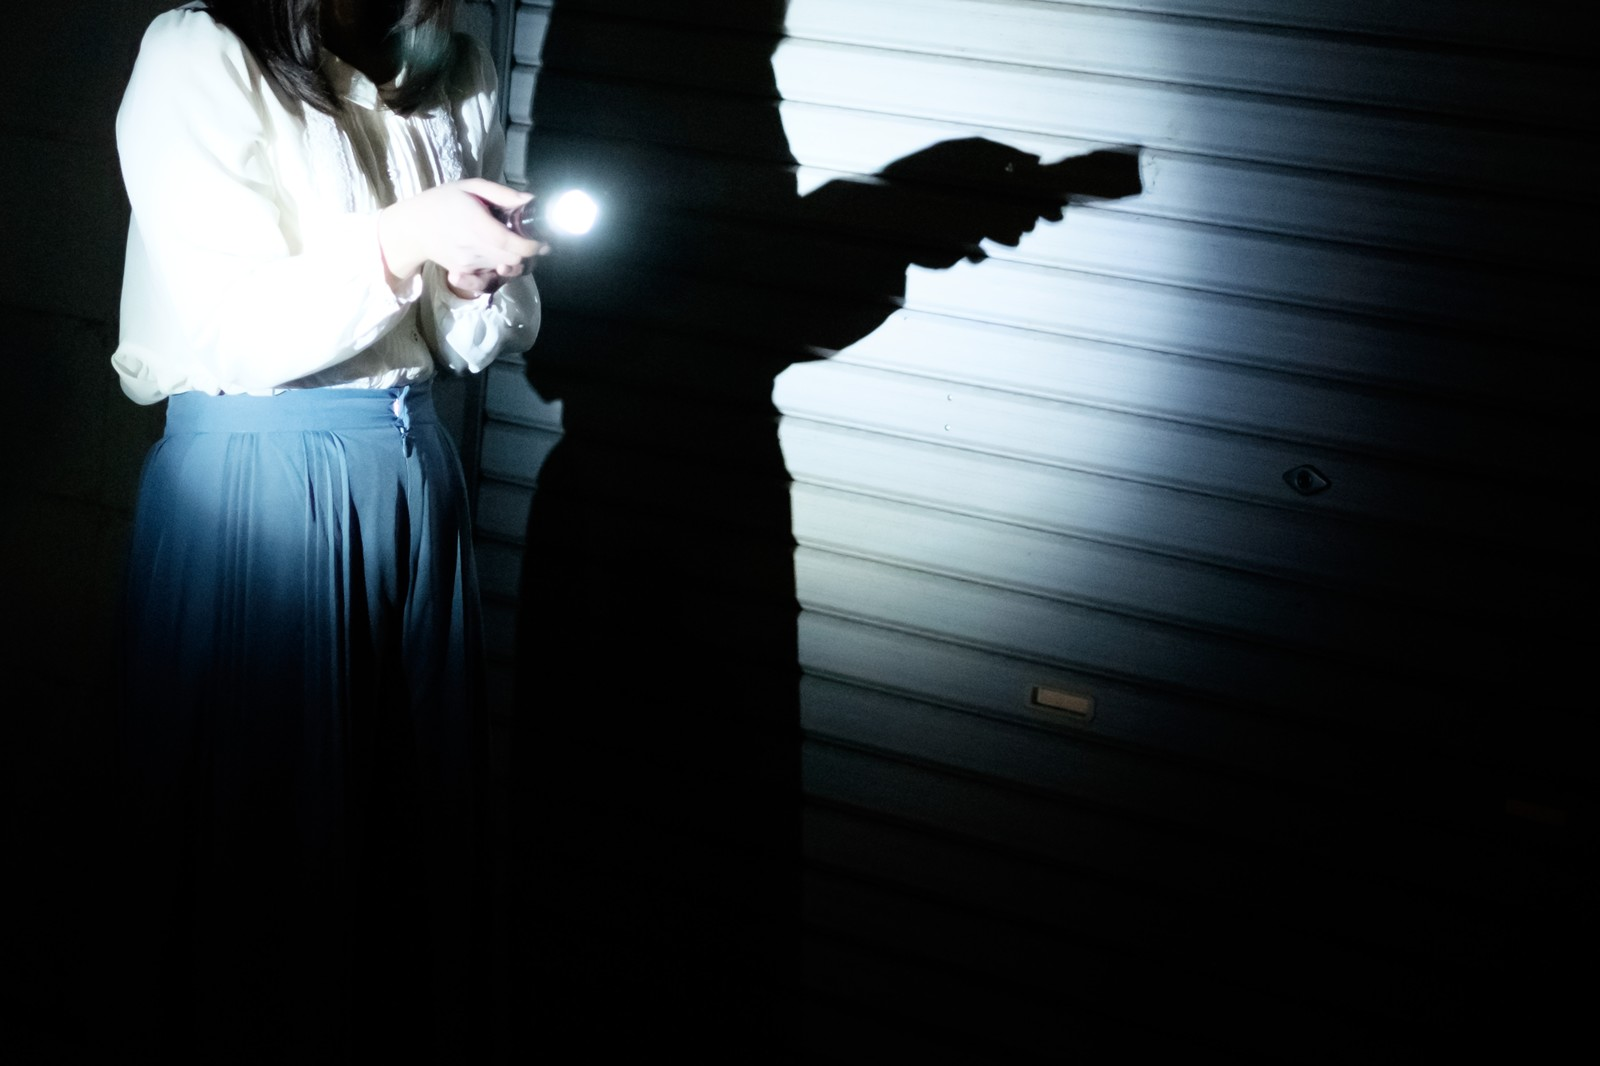 「懐中電灯ひとつで夜廻り懐中電灯ひとつで夜廻り」[モデル:さとうゆい]のフリー写真素材を拡大